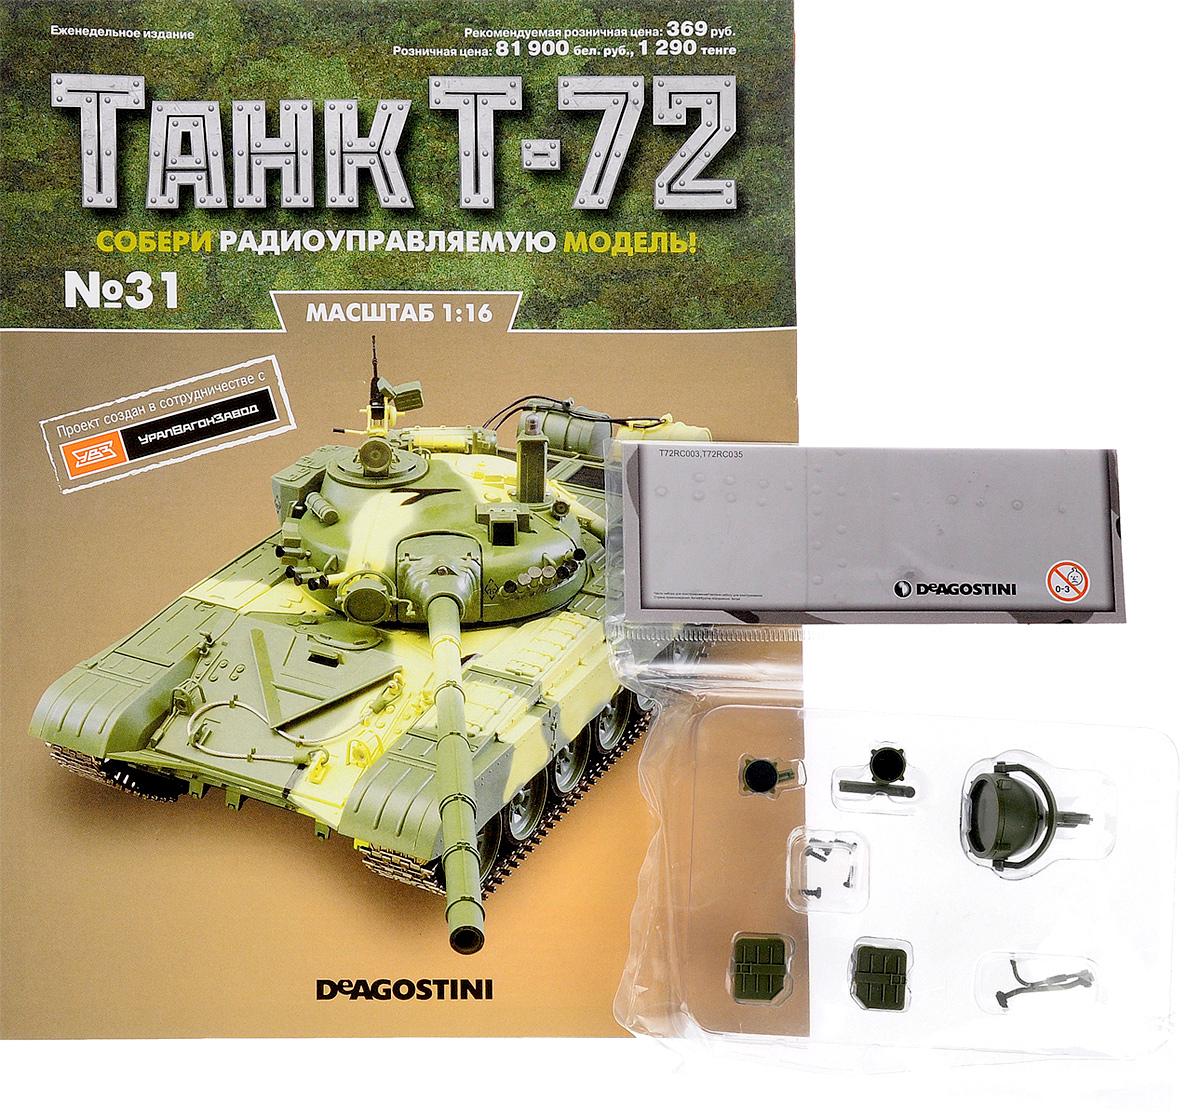 Журнал Танк Т-72 №31TRC031Перед вами - журнал из уникальной серии партворков Танк Т-72 с увлекательной информацией о легендарных боевых машинах и элементами для сборки копии танка Т-72 в уменьшенном варианте 1:16. У вас есть возможность собственноручно создать высококачественную модель этого знаменитого танка с достоверным воспроизведением всех элементов, сохранением функций подлинной боевой машины и дистанционным управлением. В комплекте: 1. Прожектор 2. Задняя фара 3. Передняя фара 4. Первая часть патронной коробки пулемета 5. Вторая часть патронной коробки пулемета 6. Кронштейн для прожектора 7. Винты Категория 16+.